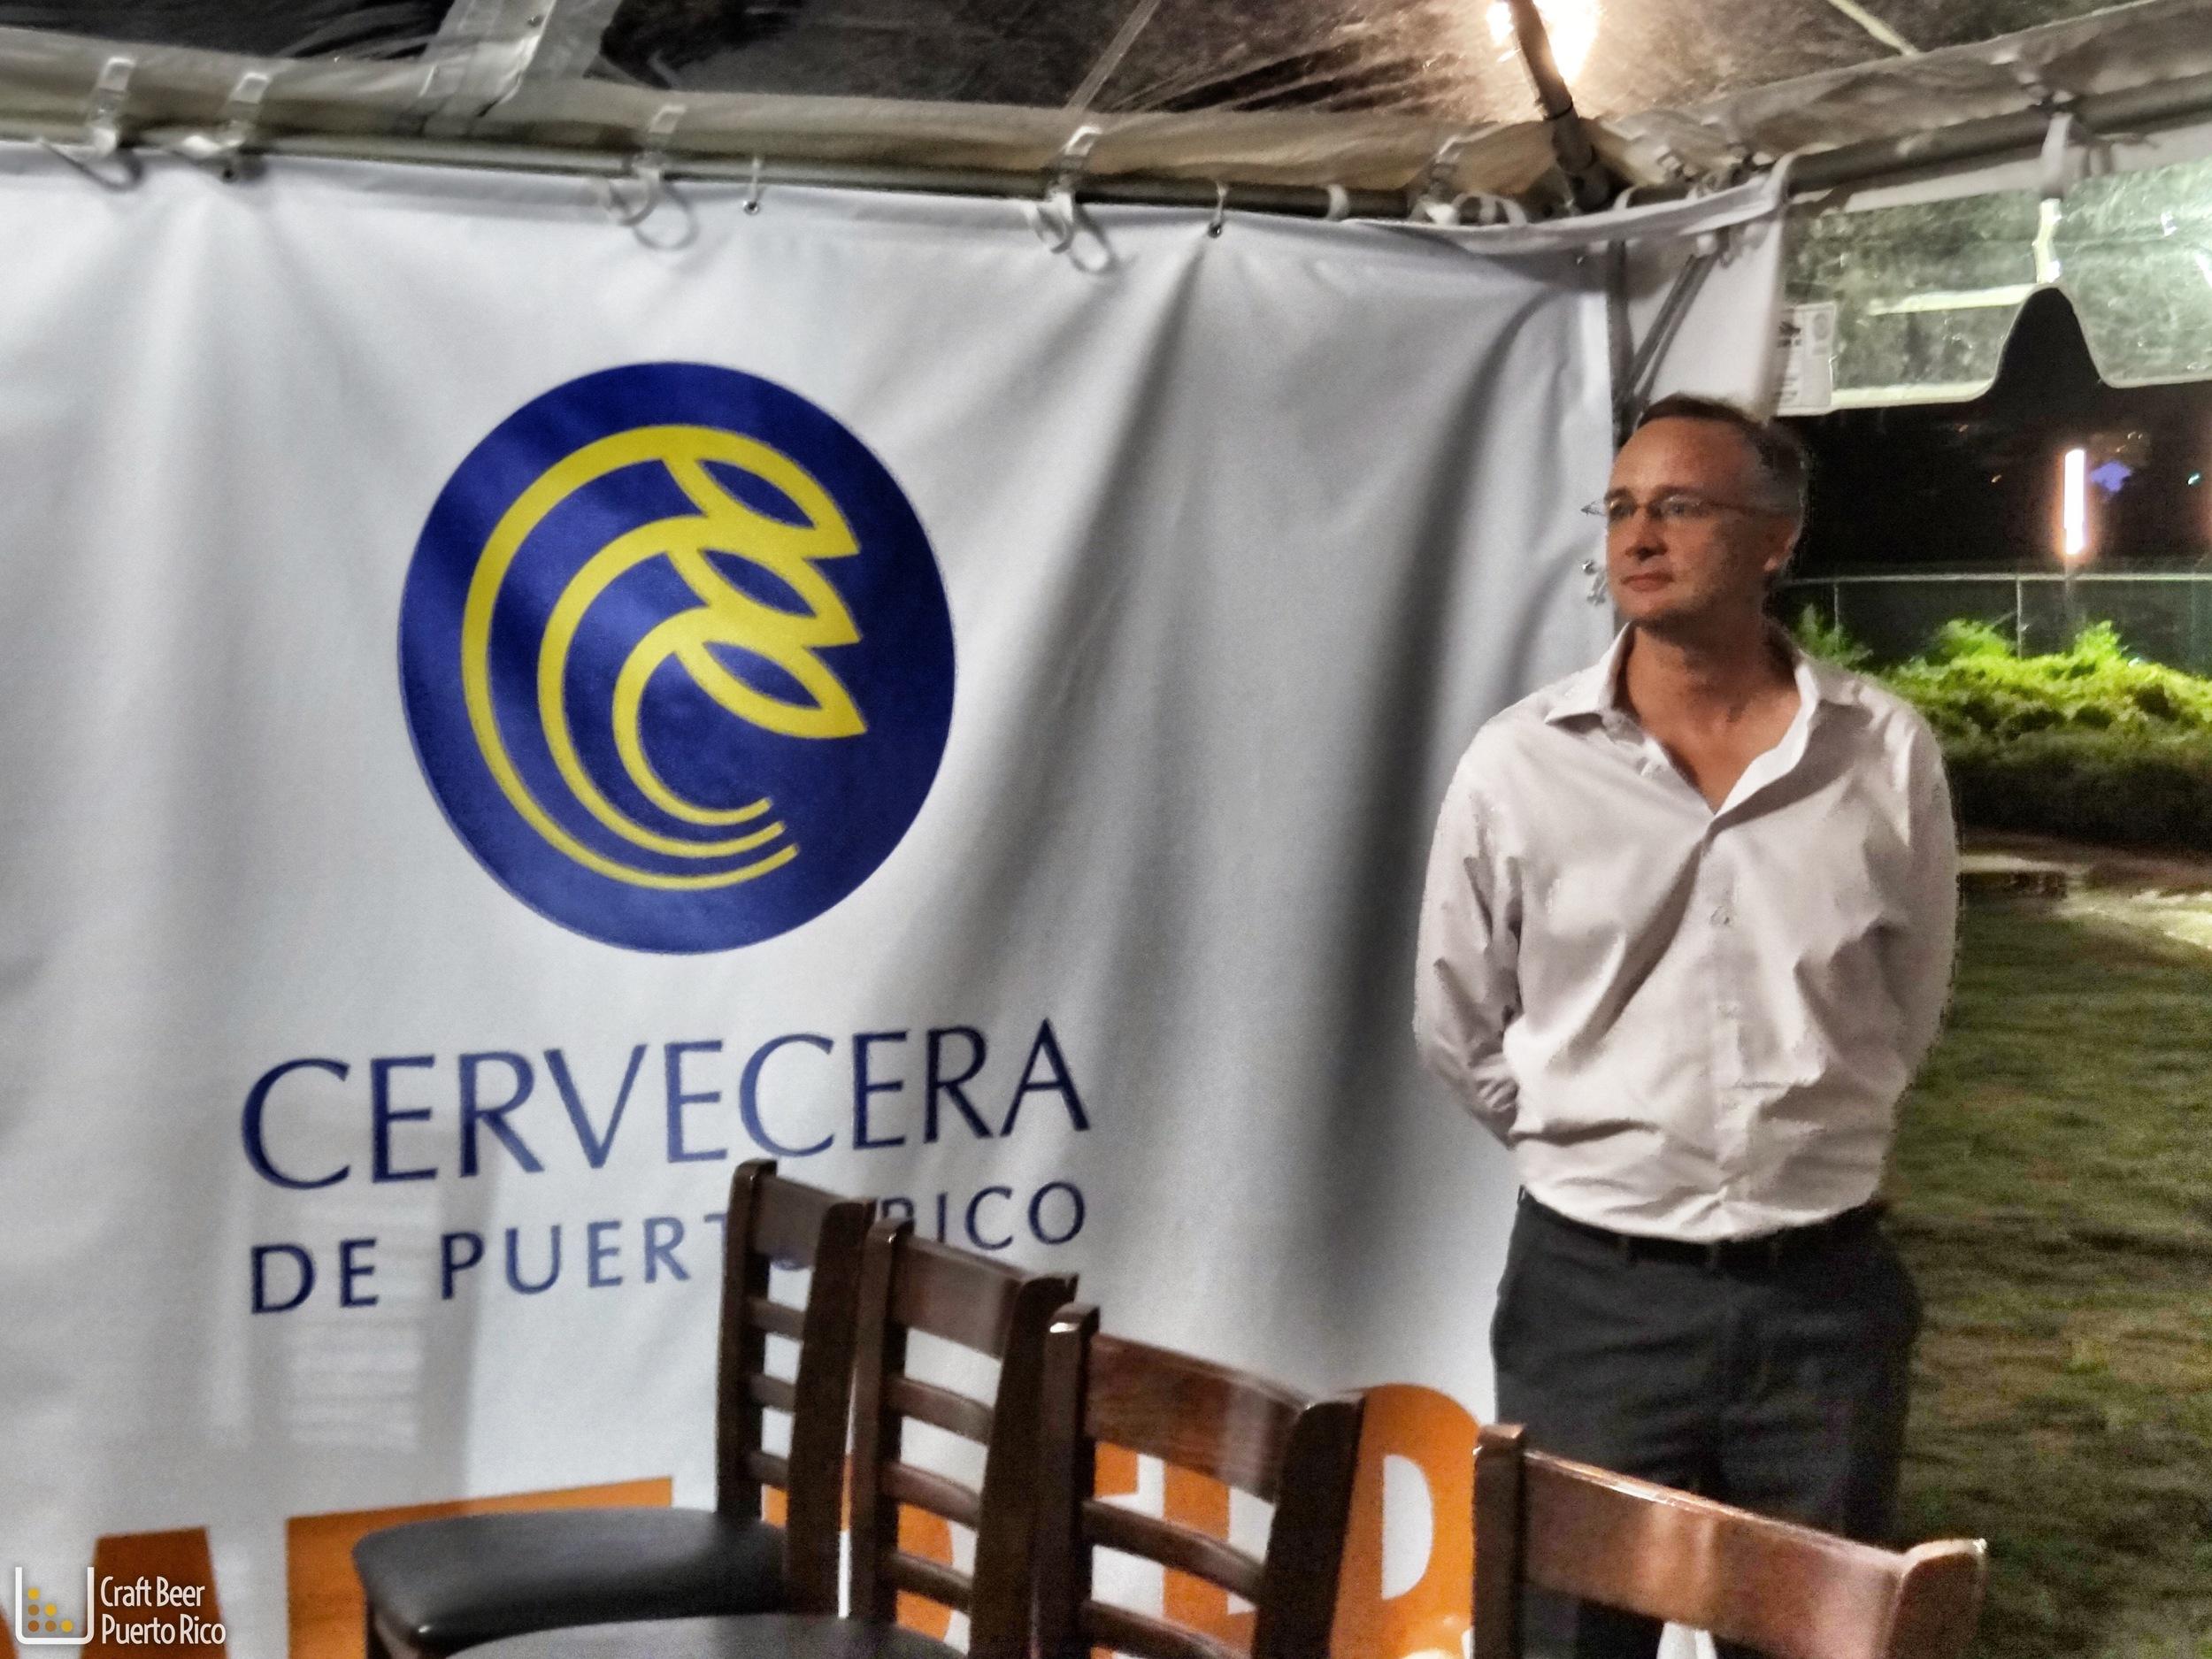 Daniel Stammberger, maestro cervecero de la Cervecera de Puerto Rico